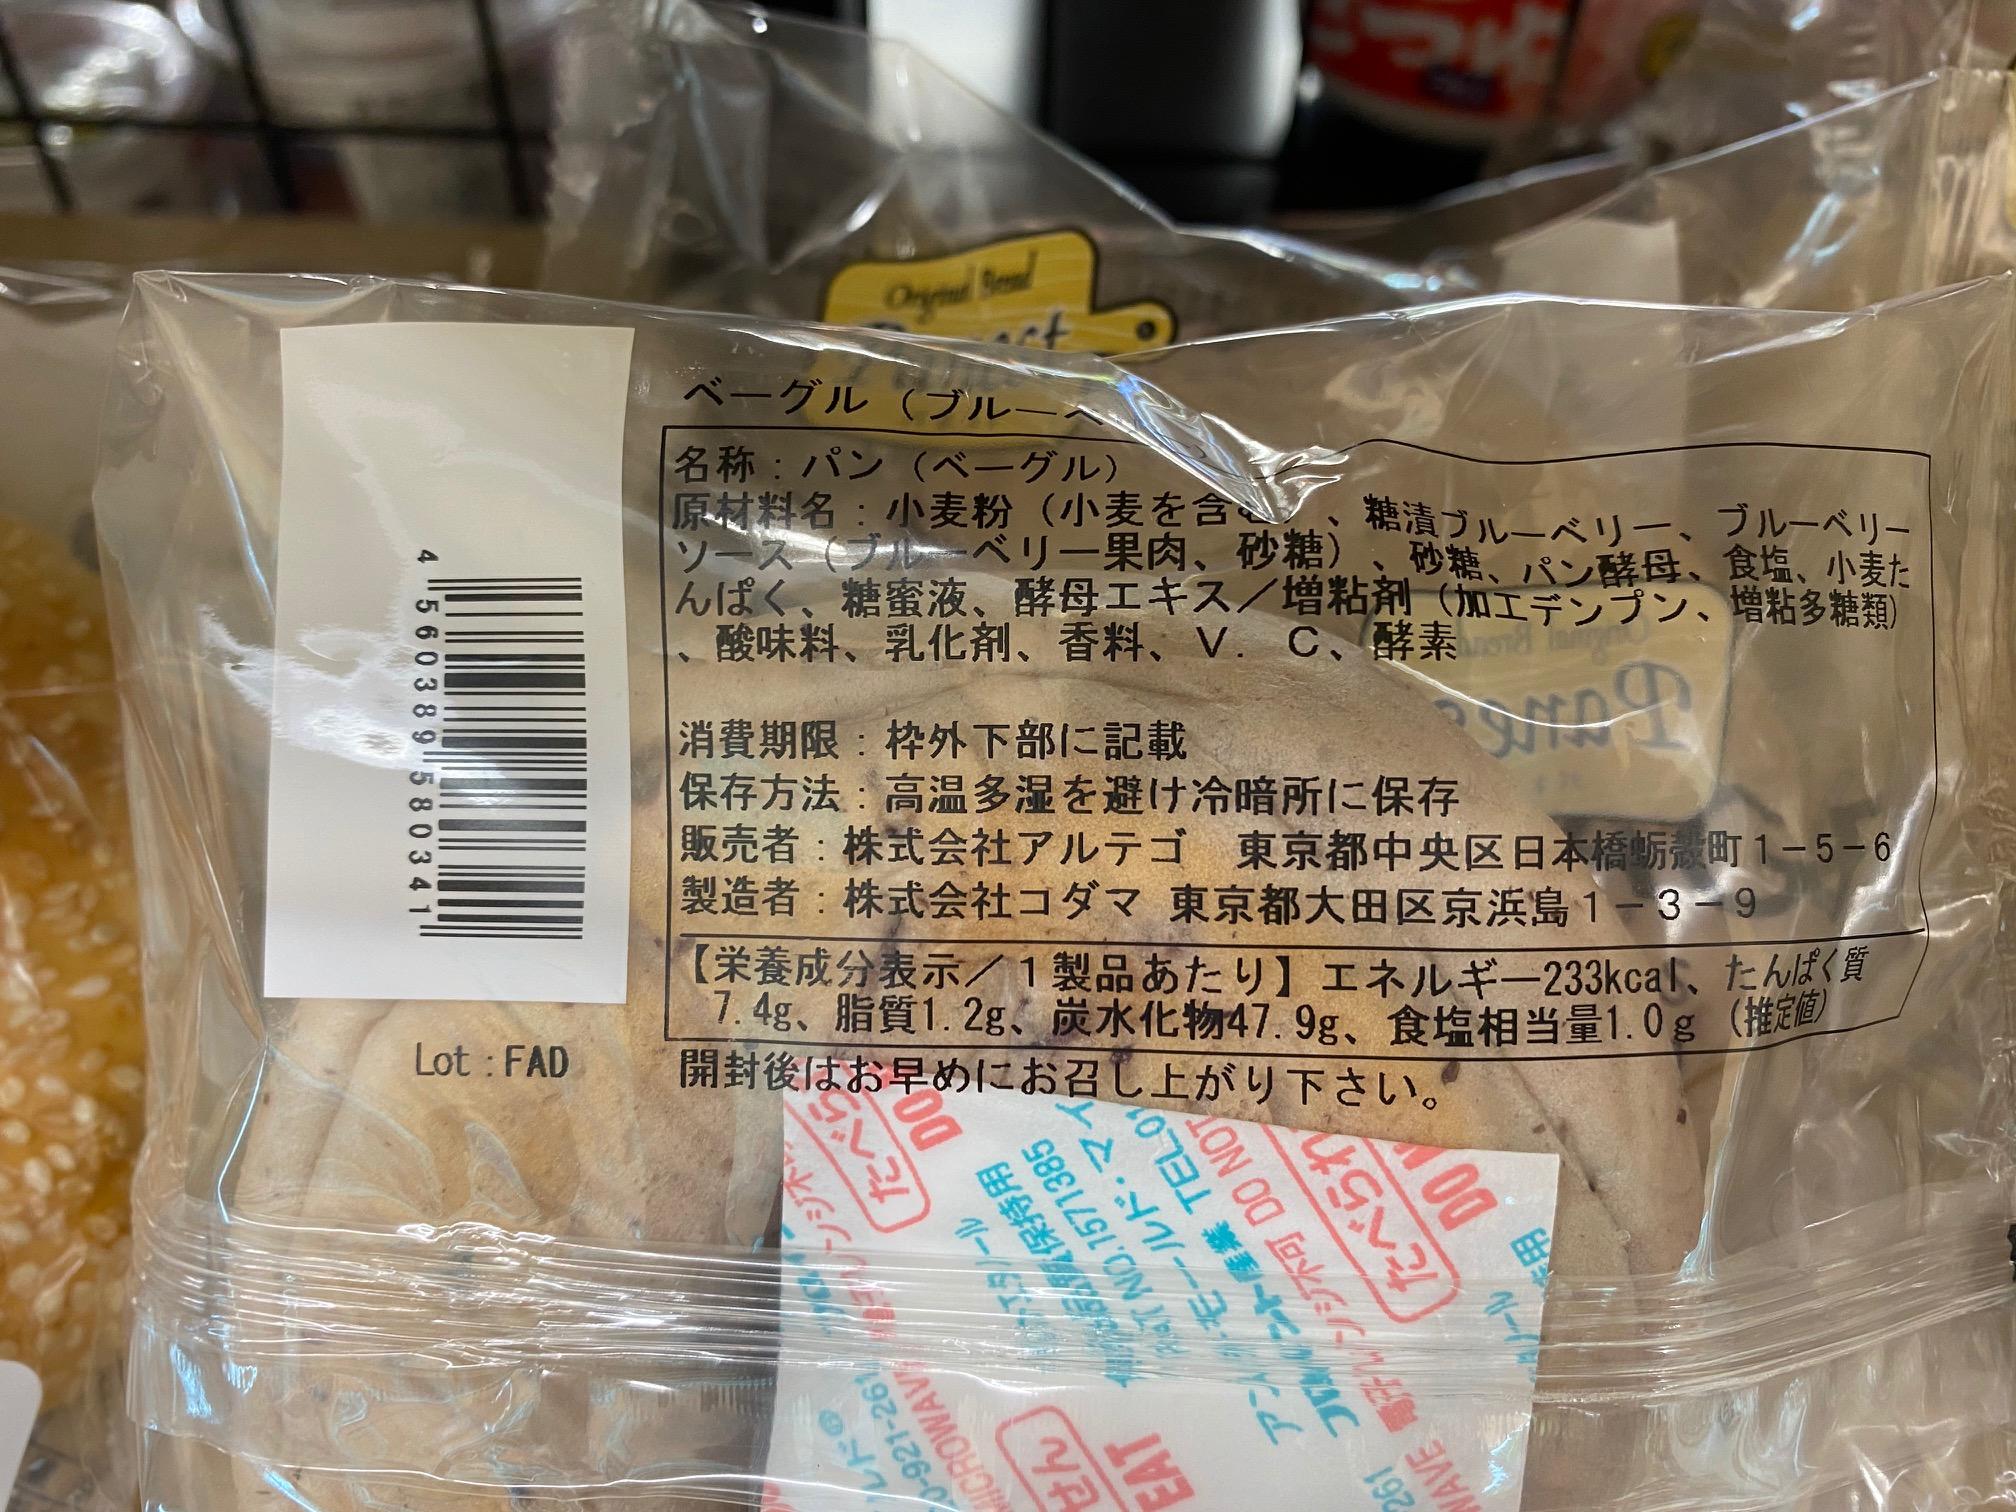 Bagel & Bagel Blueberry ingredients